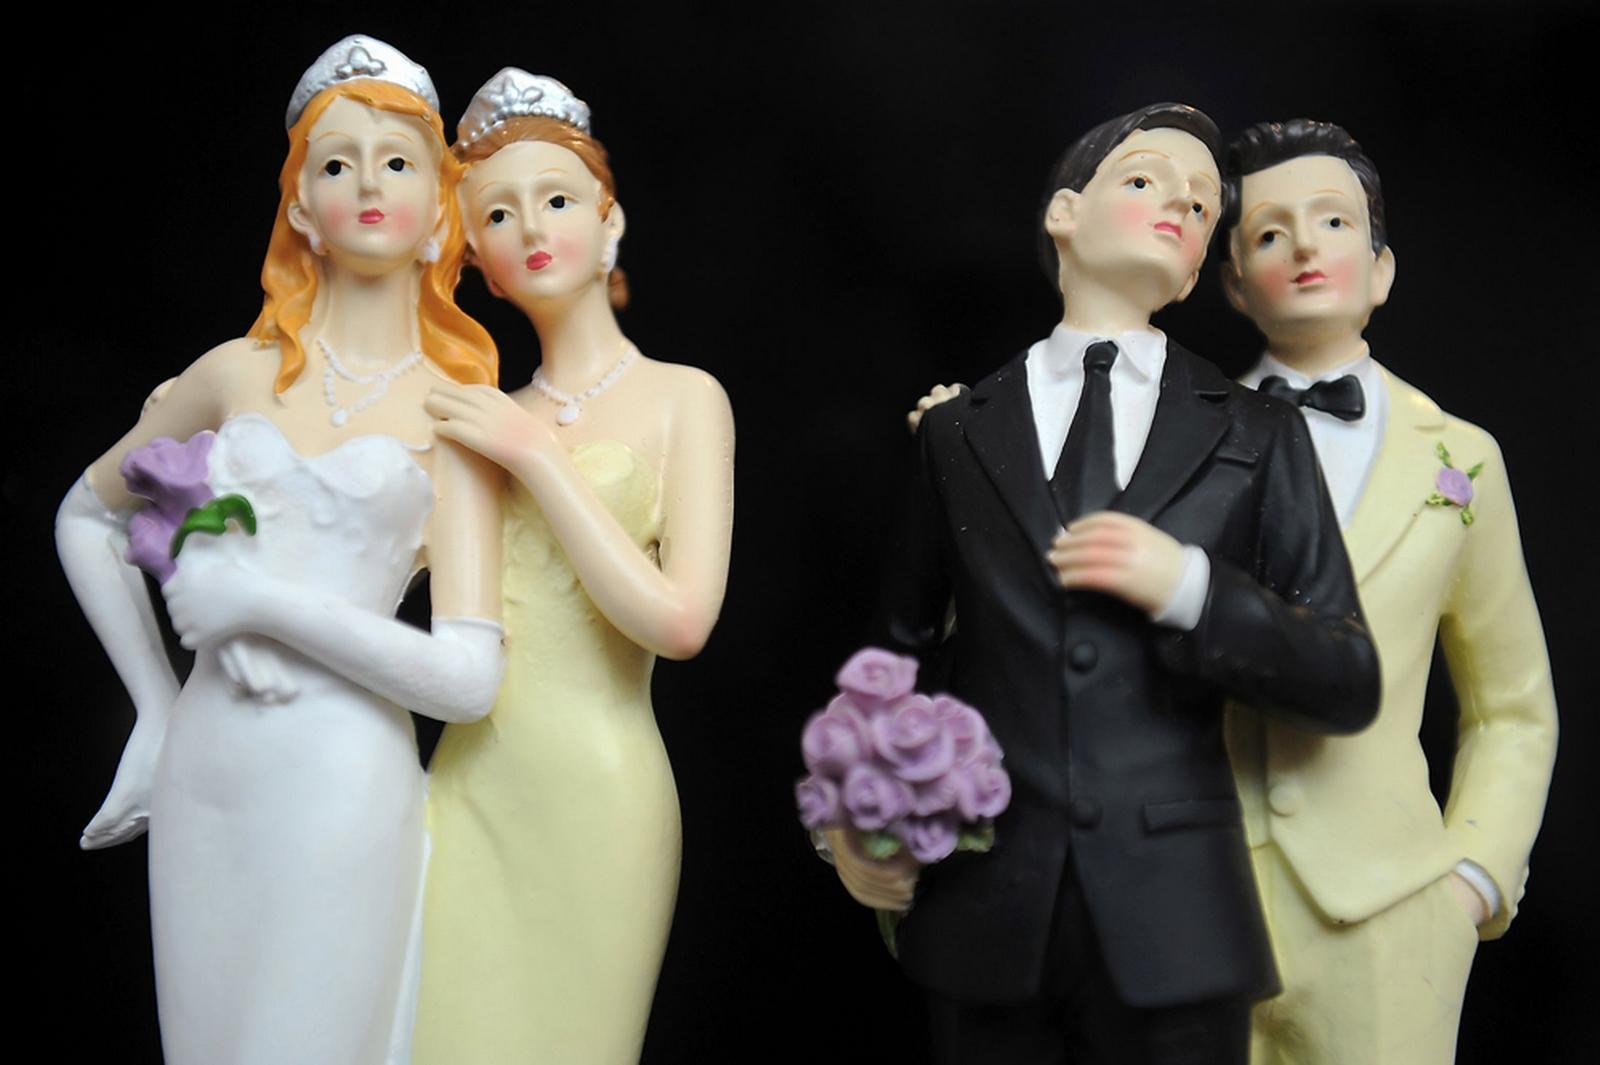 Primer Matrimonio Gay Catolico : Noticias de matrimonio homosexual la opinión de murcia